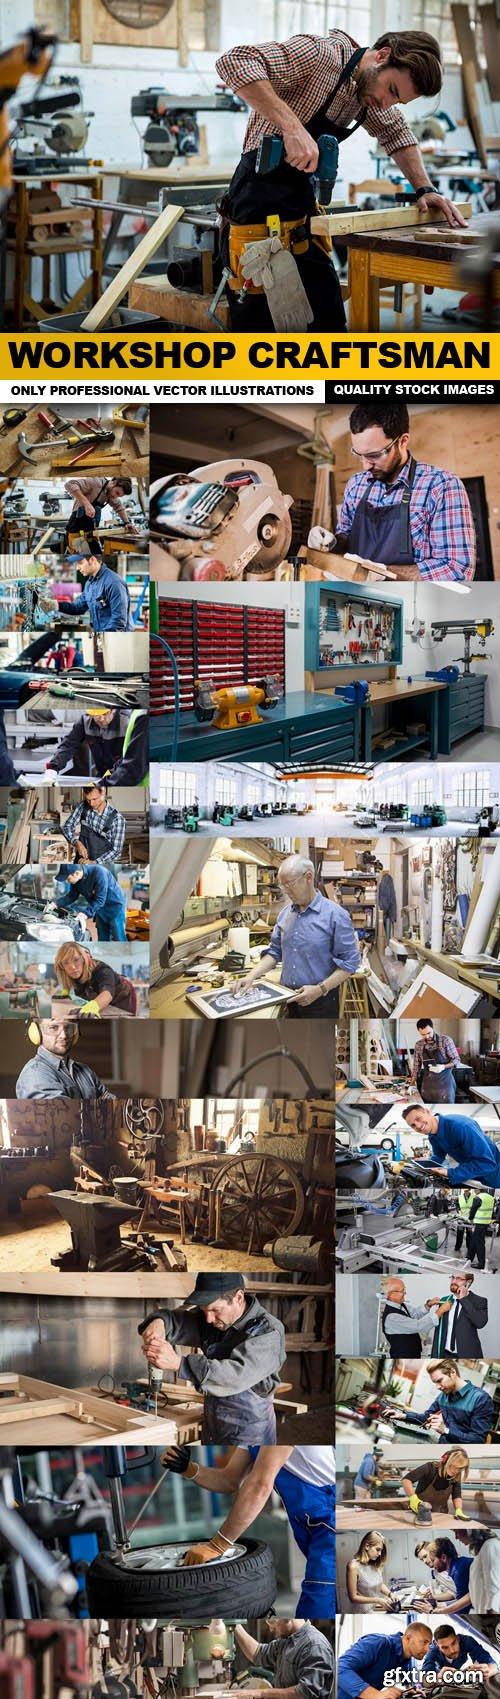 Workshop Craftsman - 25 HQ Images